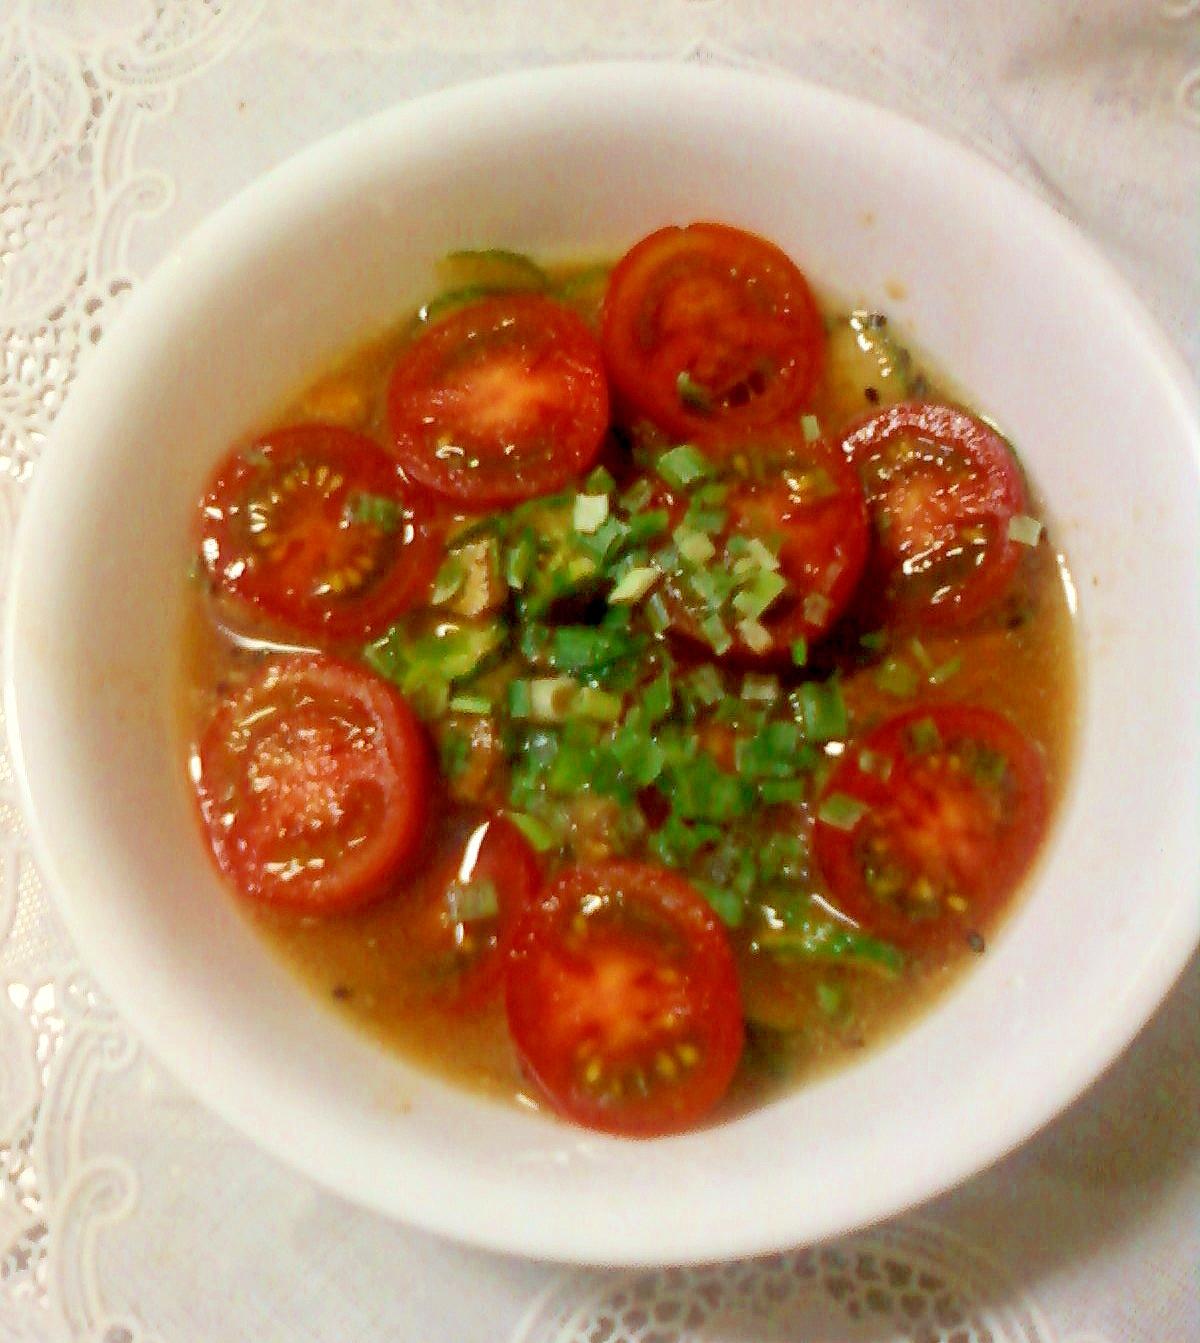 プチトマトとサバときゅうりとわけぎのスープ